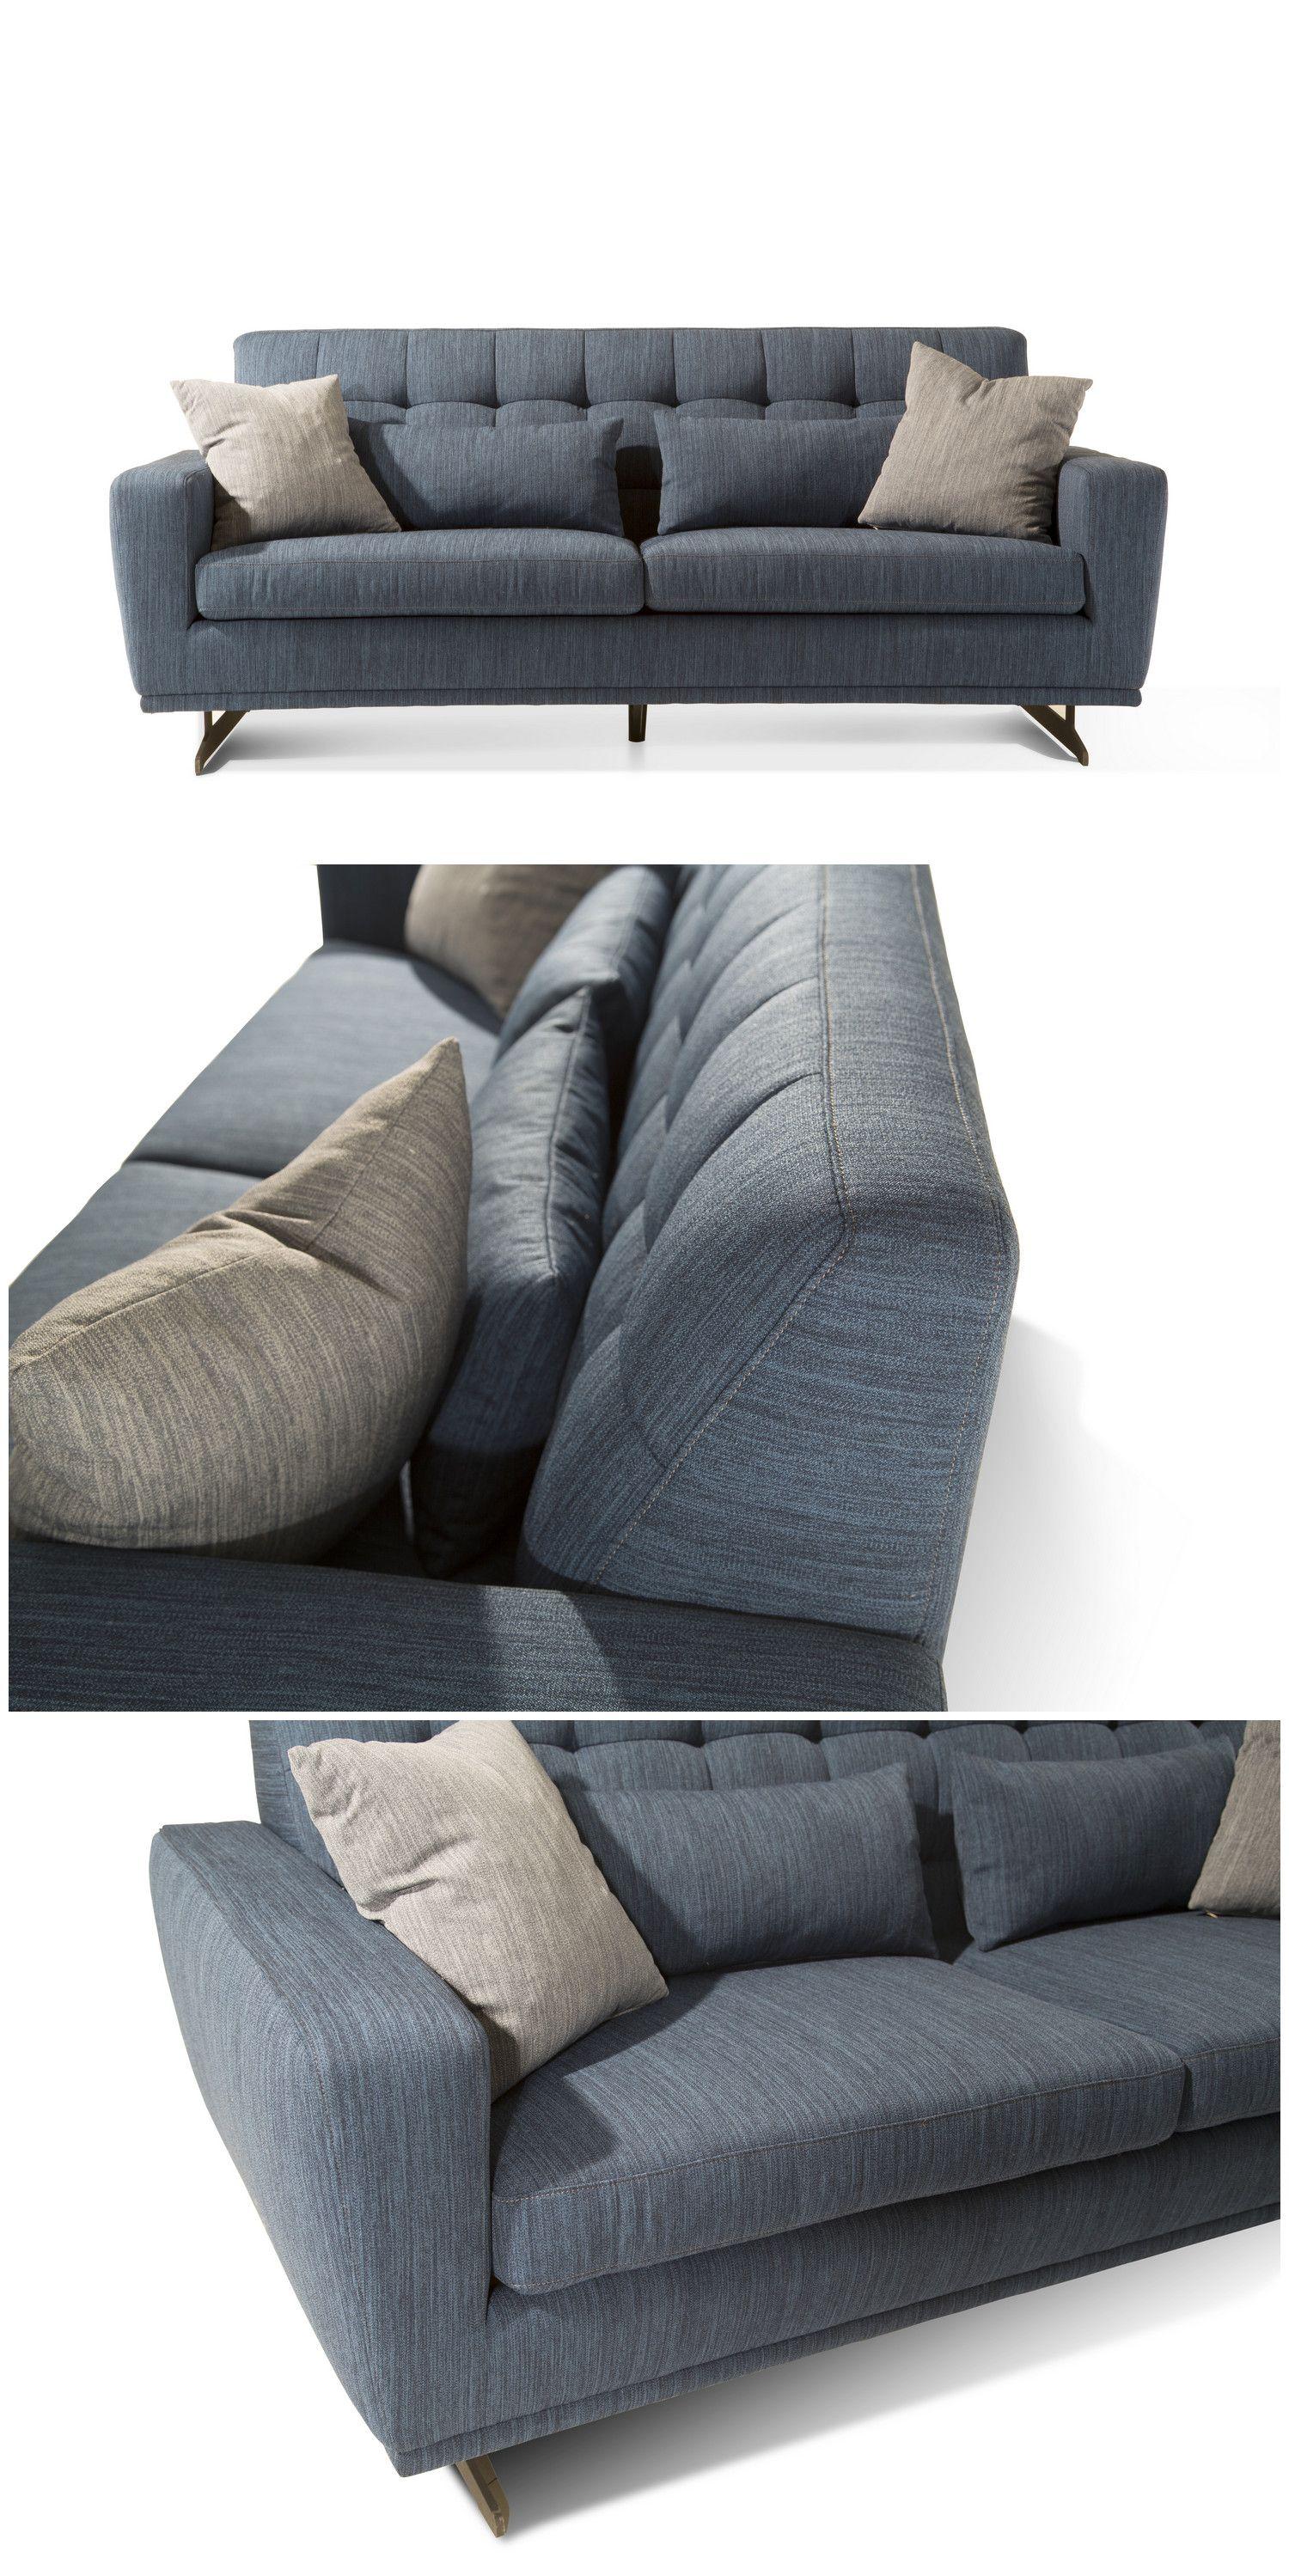 China Supplier Metal Legs Simple Modern Sofa Set | Mobilya ...